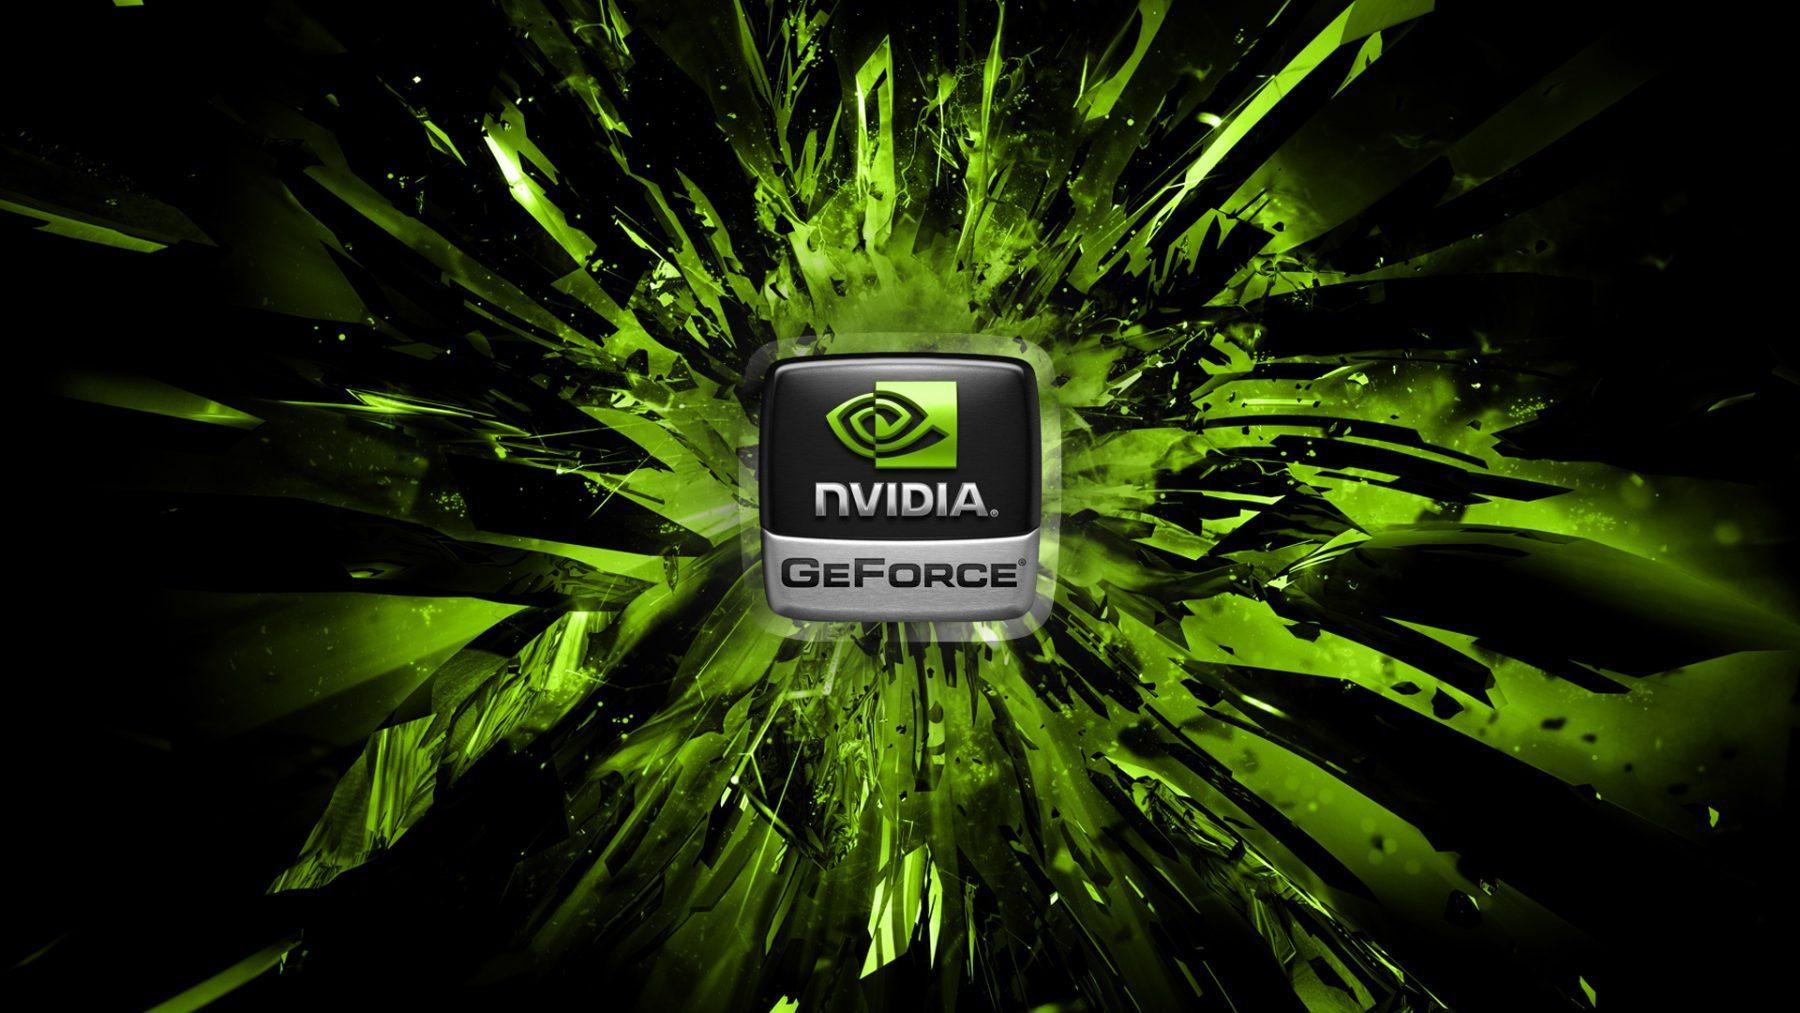 nvidia geforce gts450 последняя версия драйвера скачать